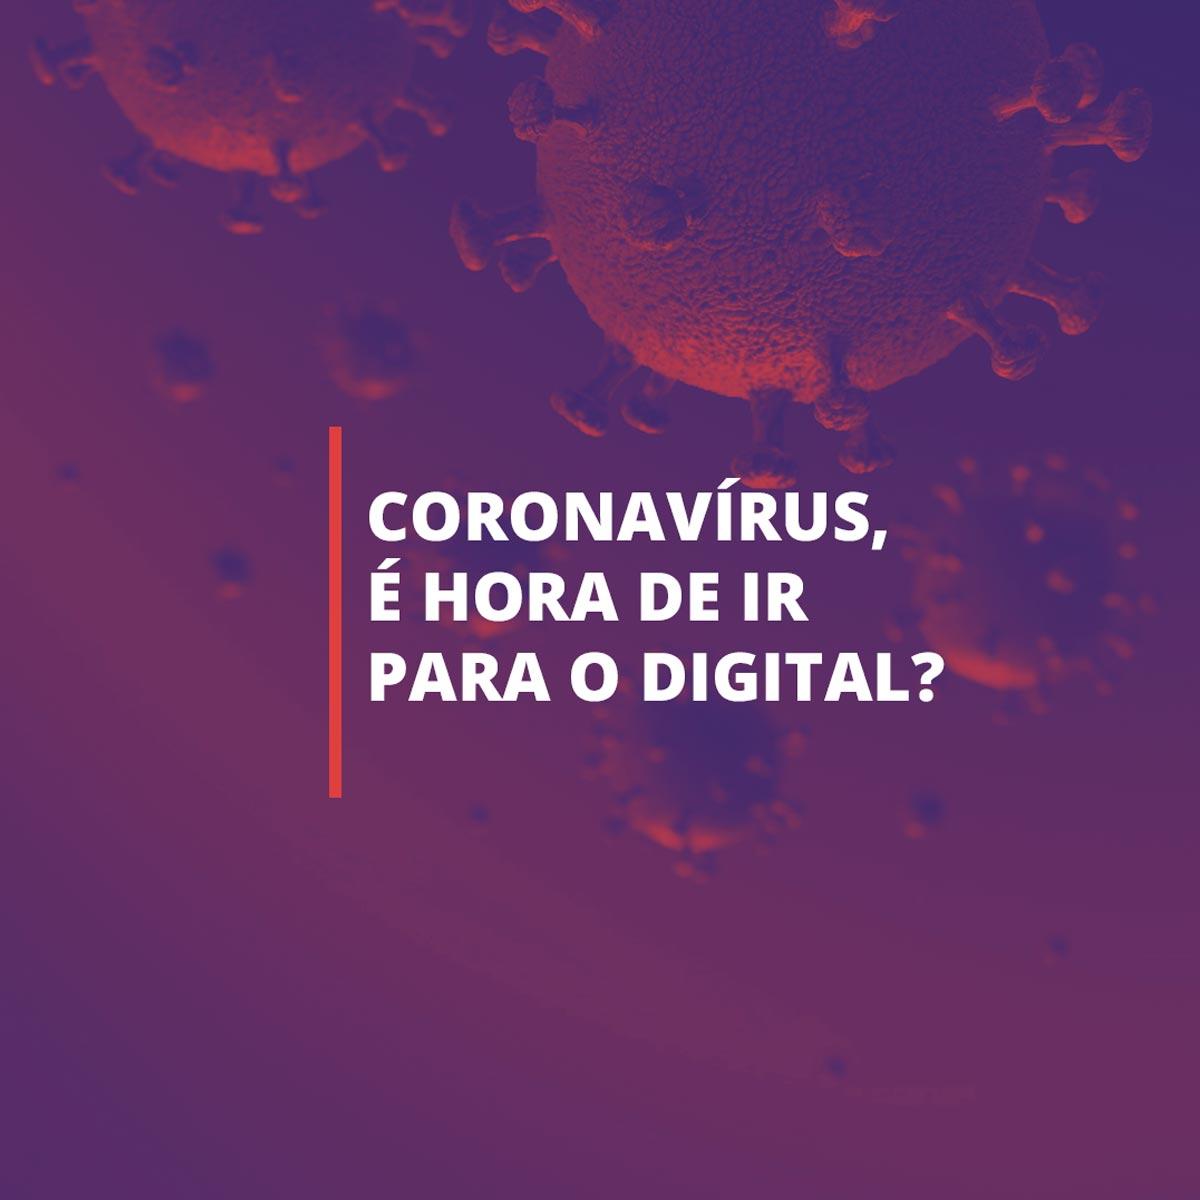 Coronavírus, é hora de ir para o digital?